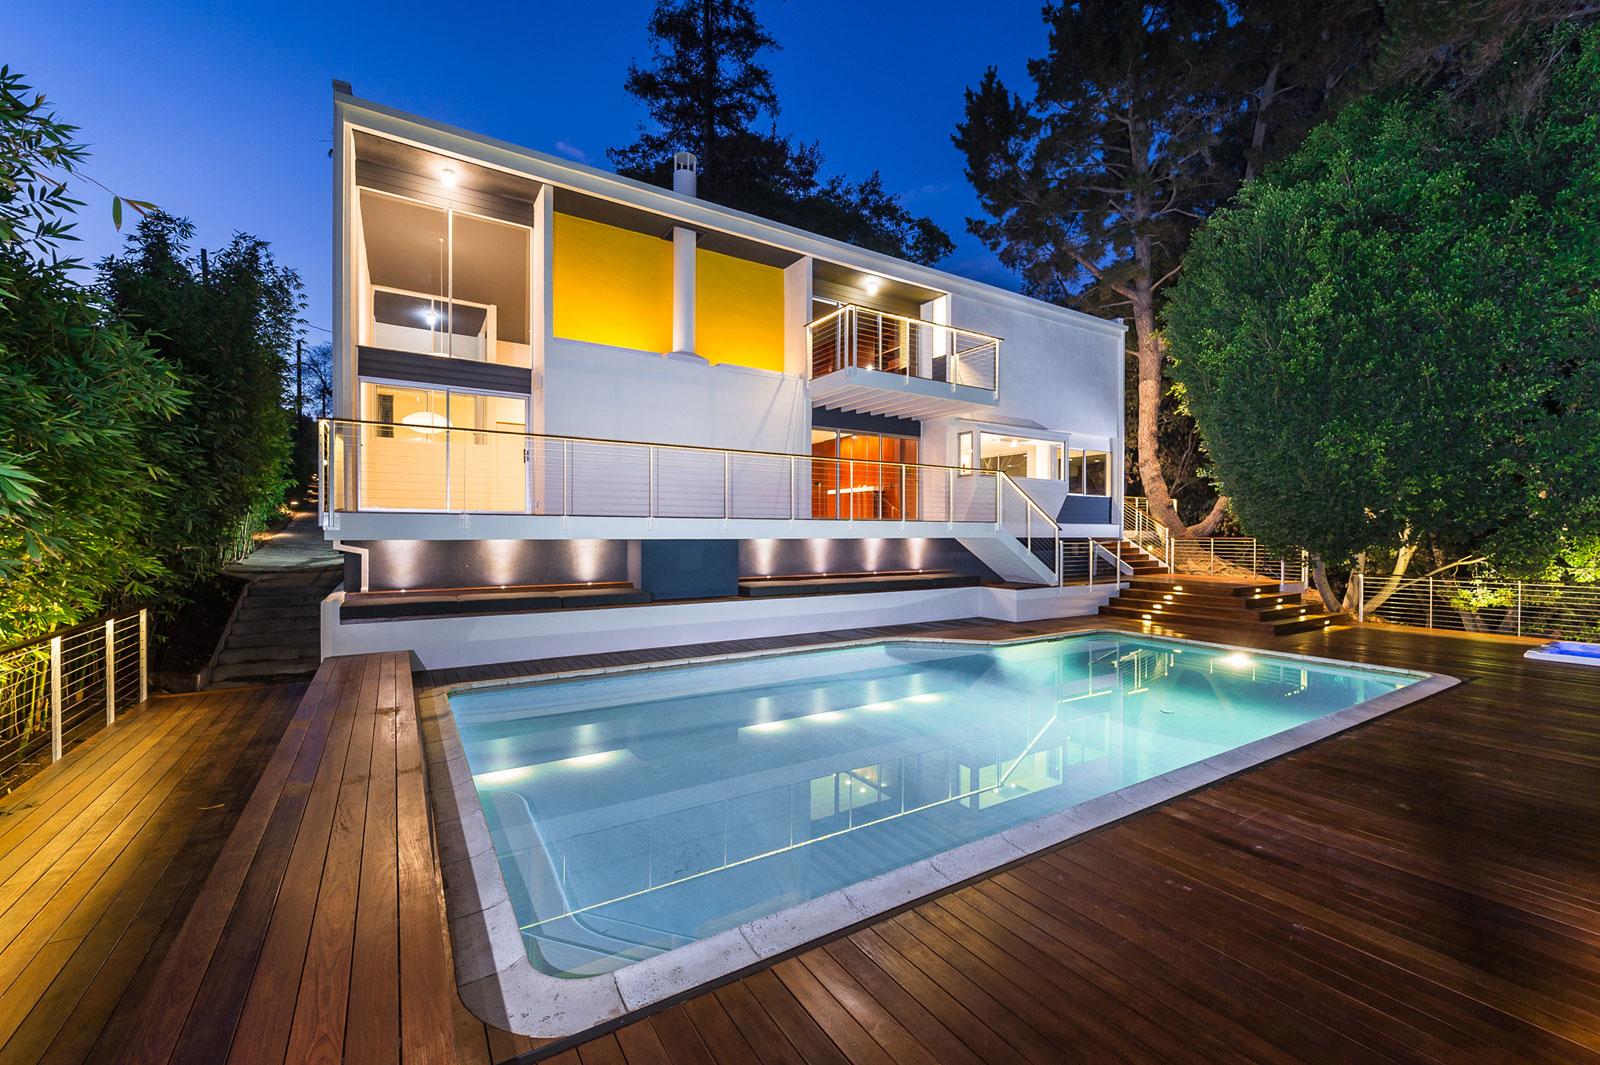 Реконструкция коттеджа в Калифорнии: яркий фасад и уютный интерьер